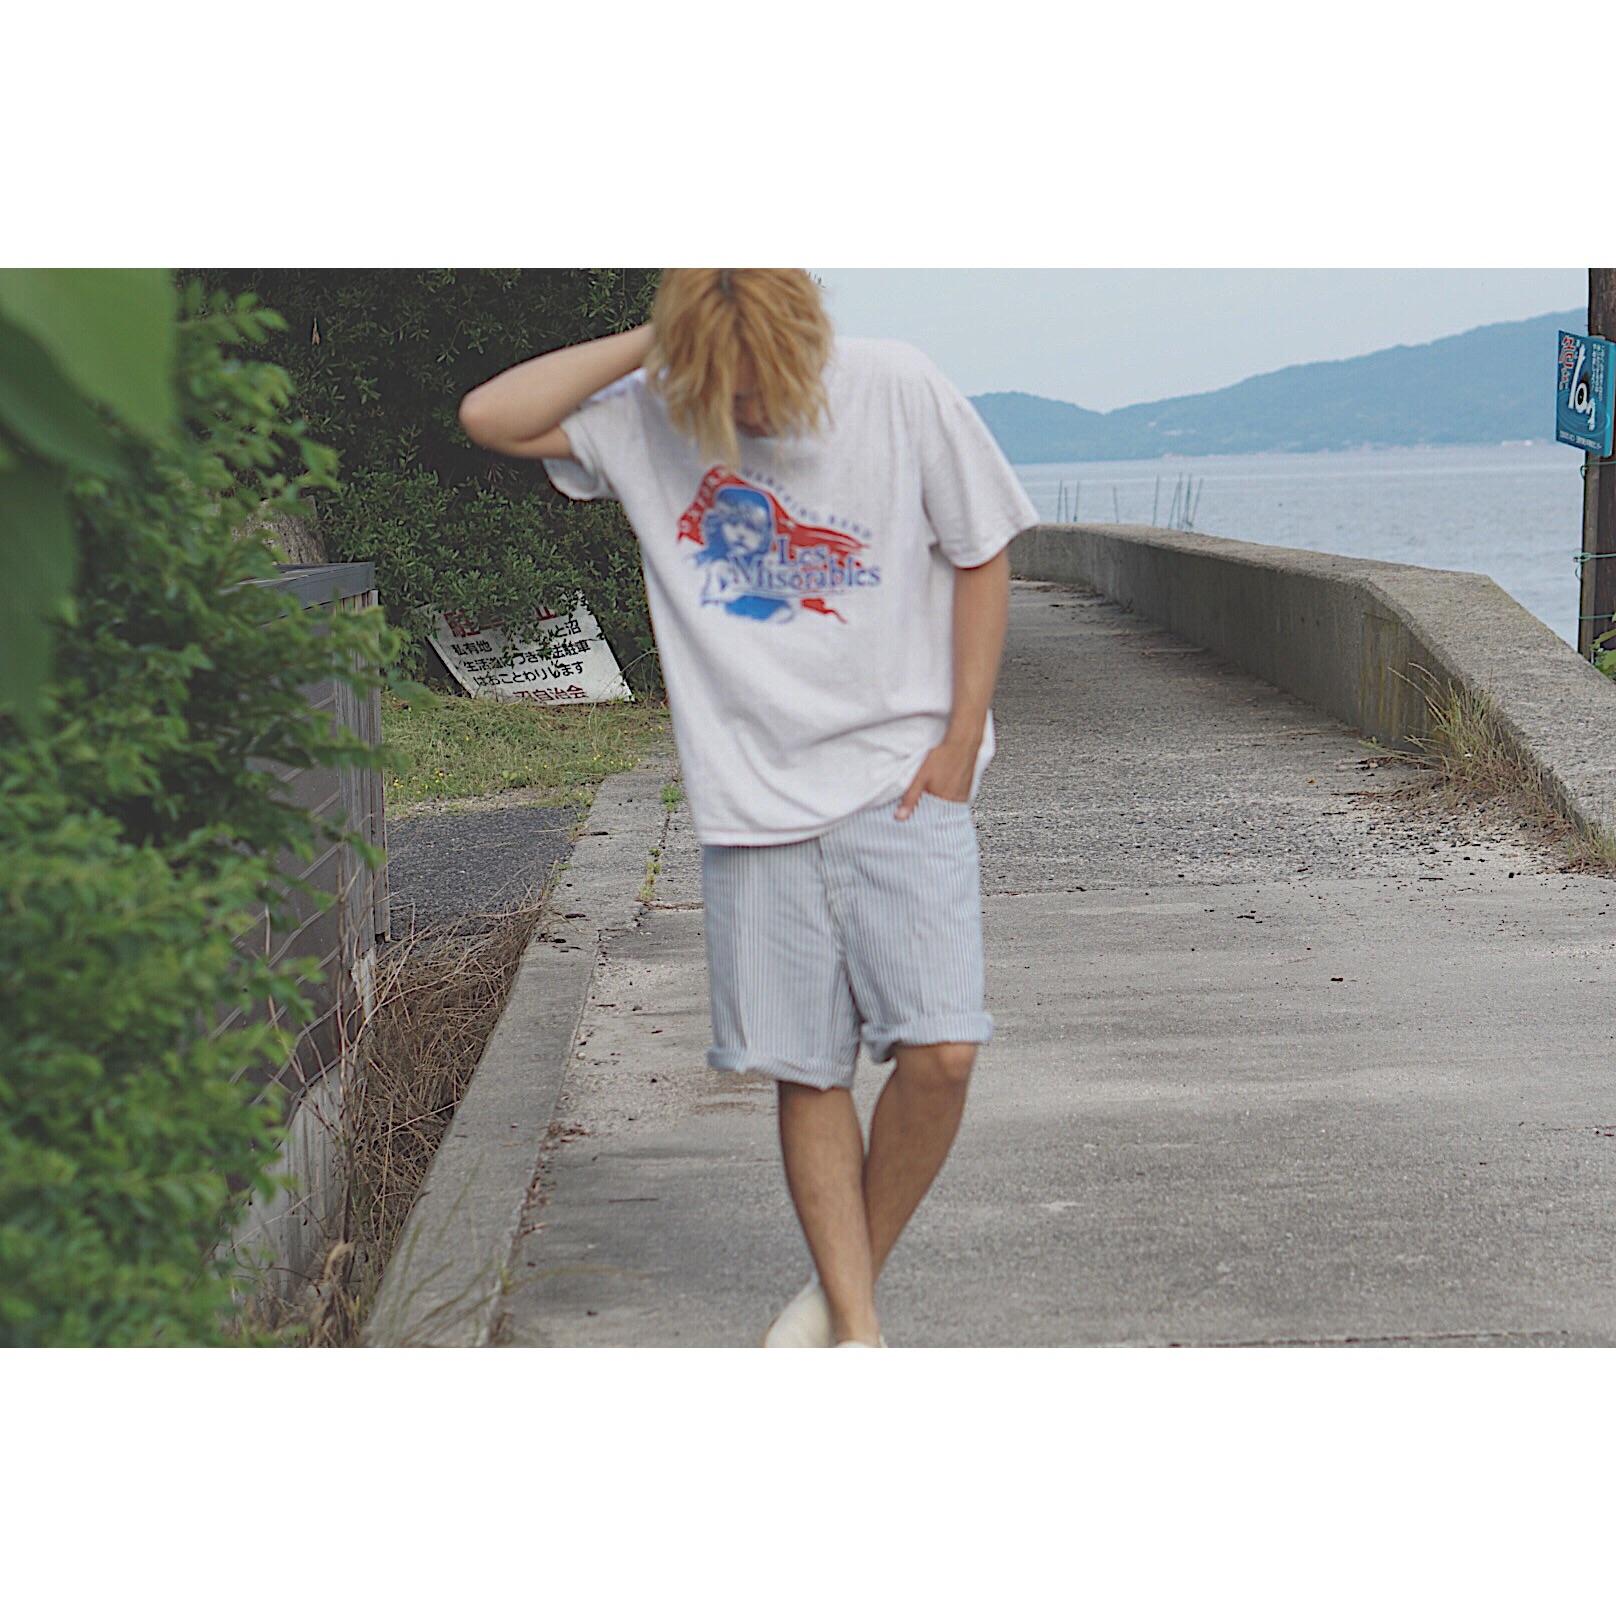 f:id:Yosuke0912:20180607201540j:image